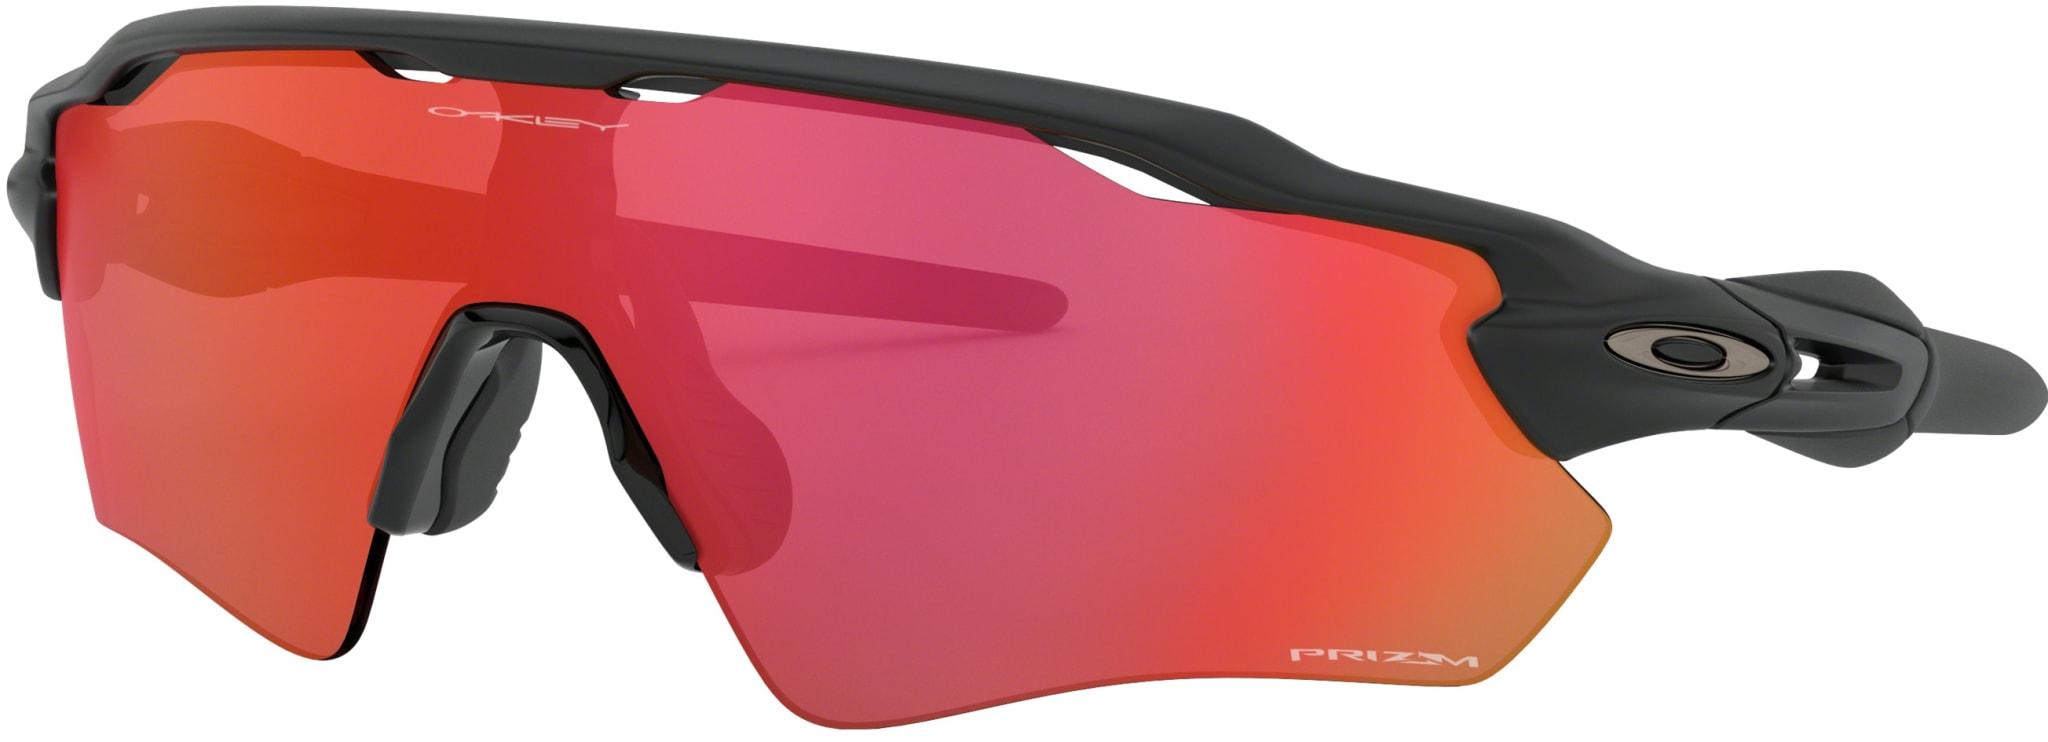 En milepæl innen raske sportsbriller!